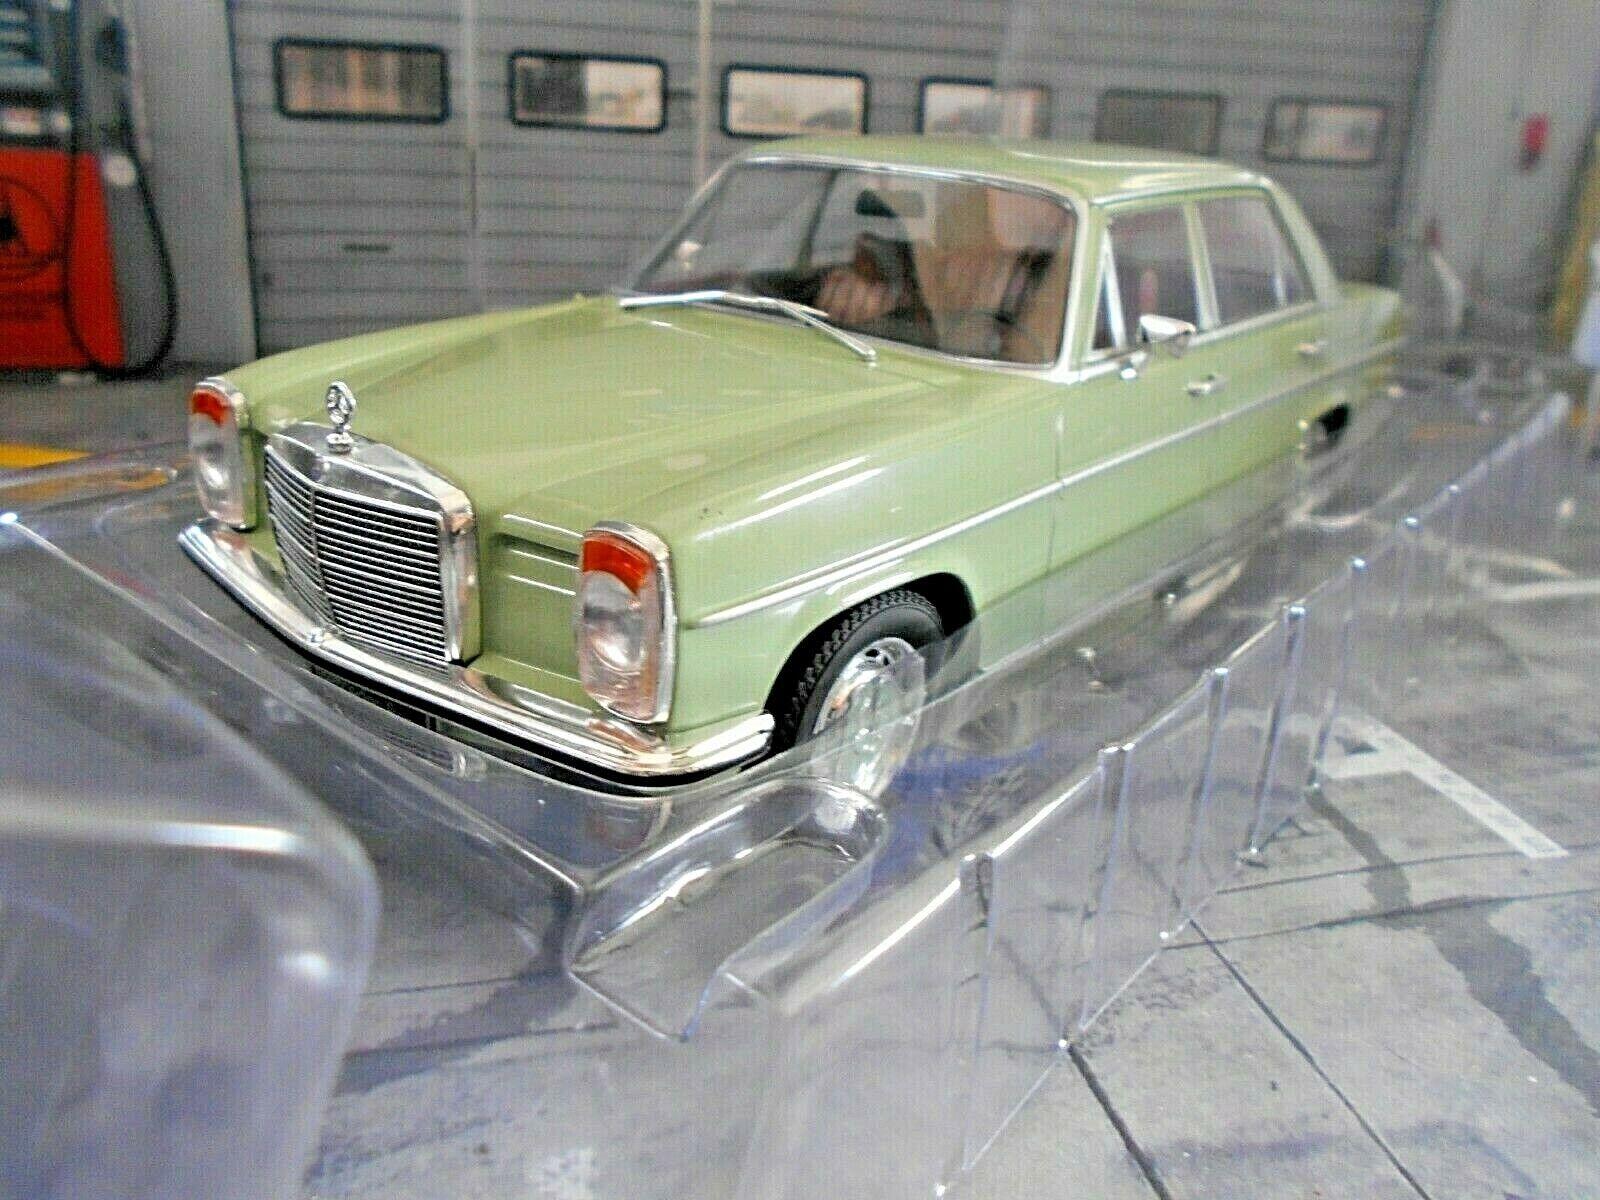 MERCEDES BENZ 220 D W115 220D Diesel Limousine grün Grün 1972 MCG NEU 1 18